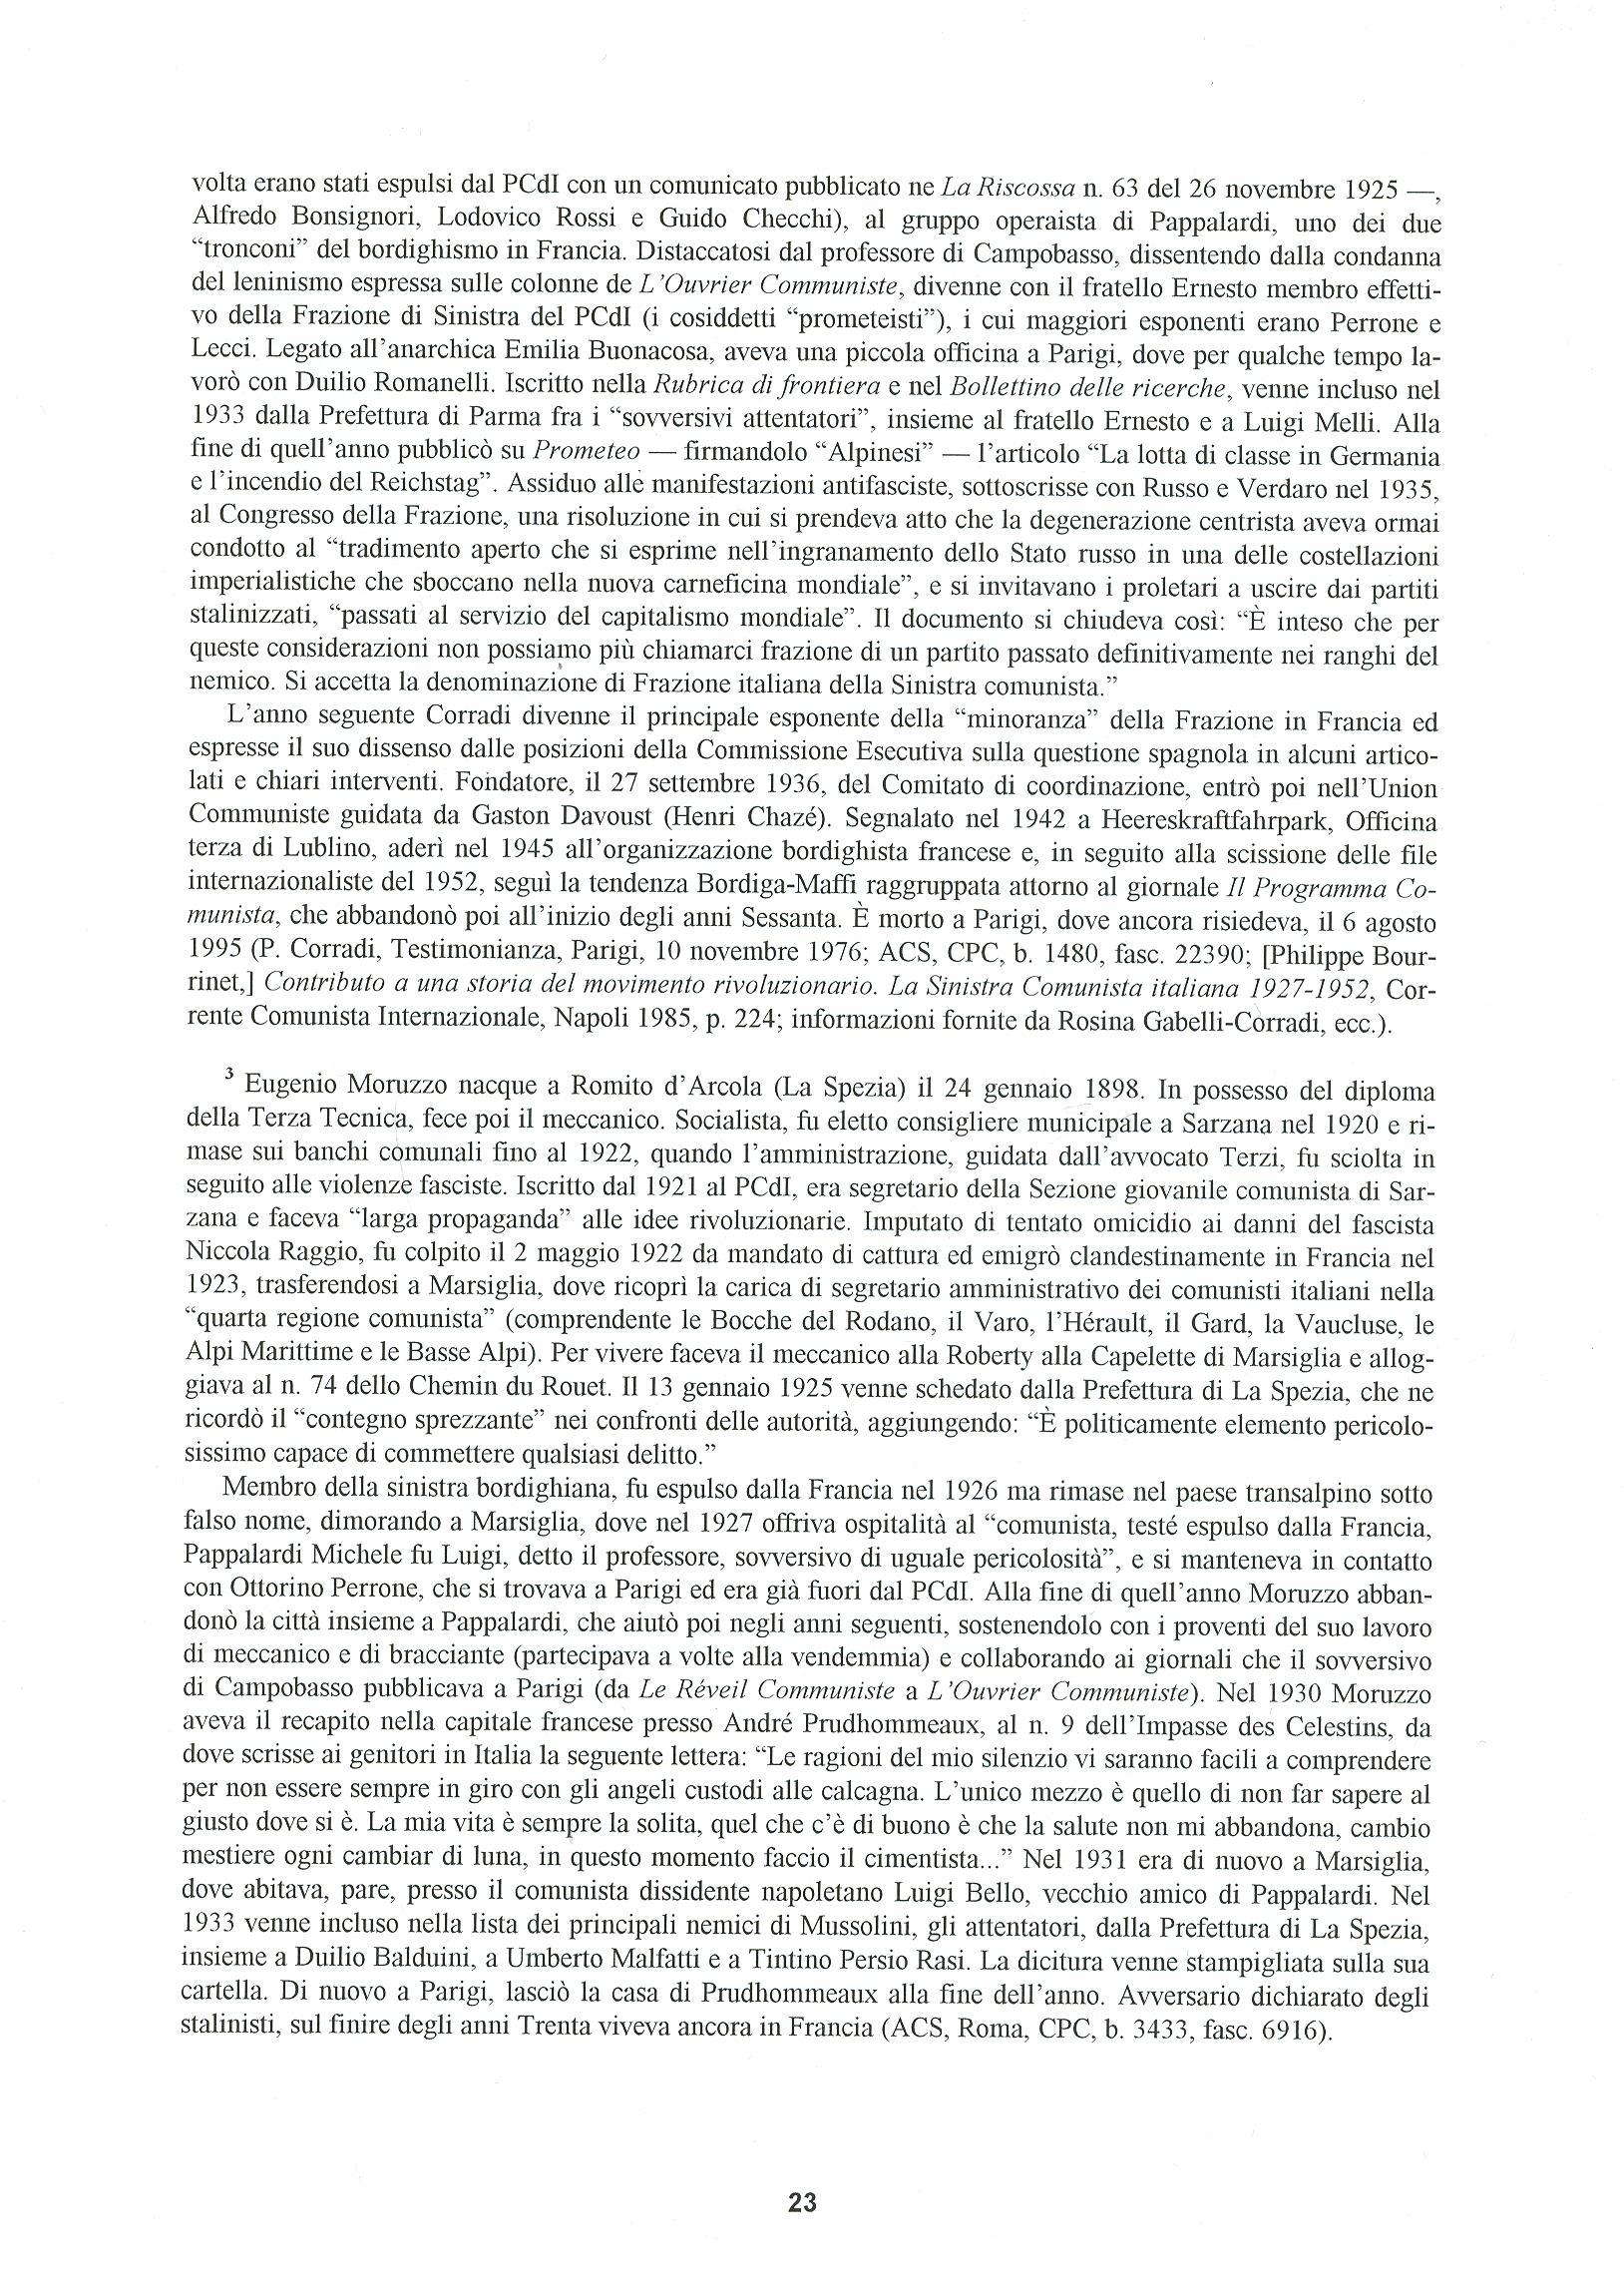 Quaderni del Centro Studi Pietro Tresso (1996-2009) n. 14 (novembre 1998) - pag. 24